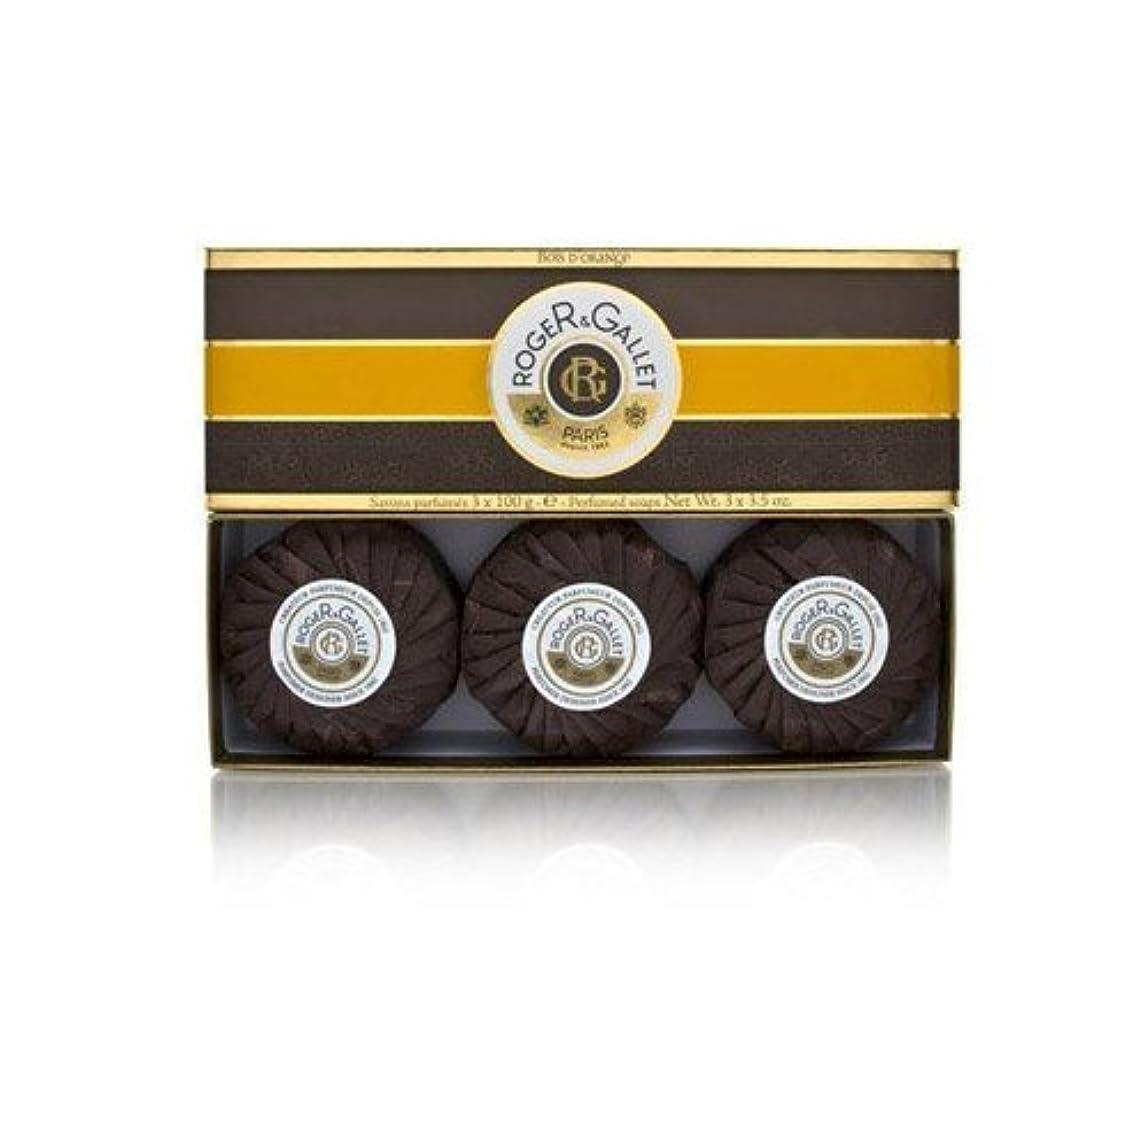 幻滅宙返り露ロジェガレ ボワ ドランジュ (オレンジツリー) 香水石鹸3個セット ROGER&GALLET BOIS D'ORANGE PERFUMED SOAP [0161]